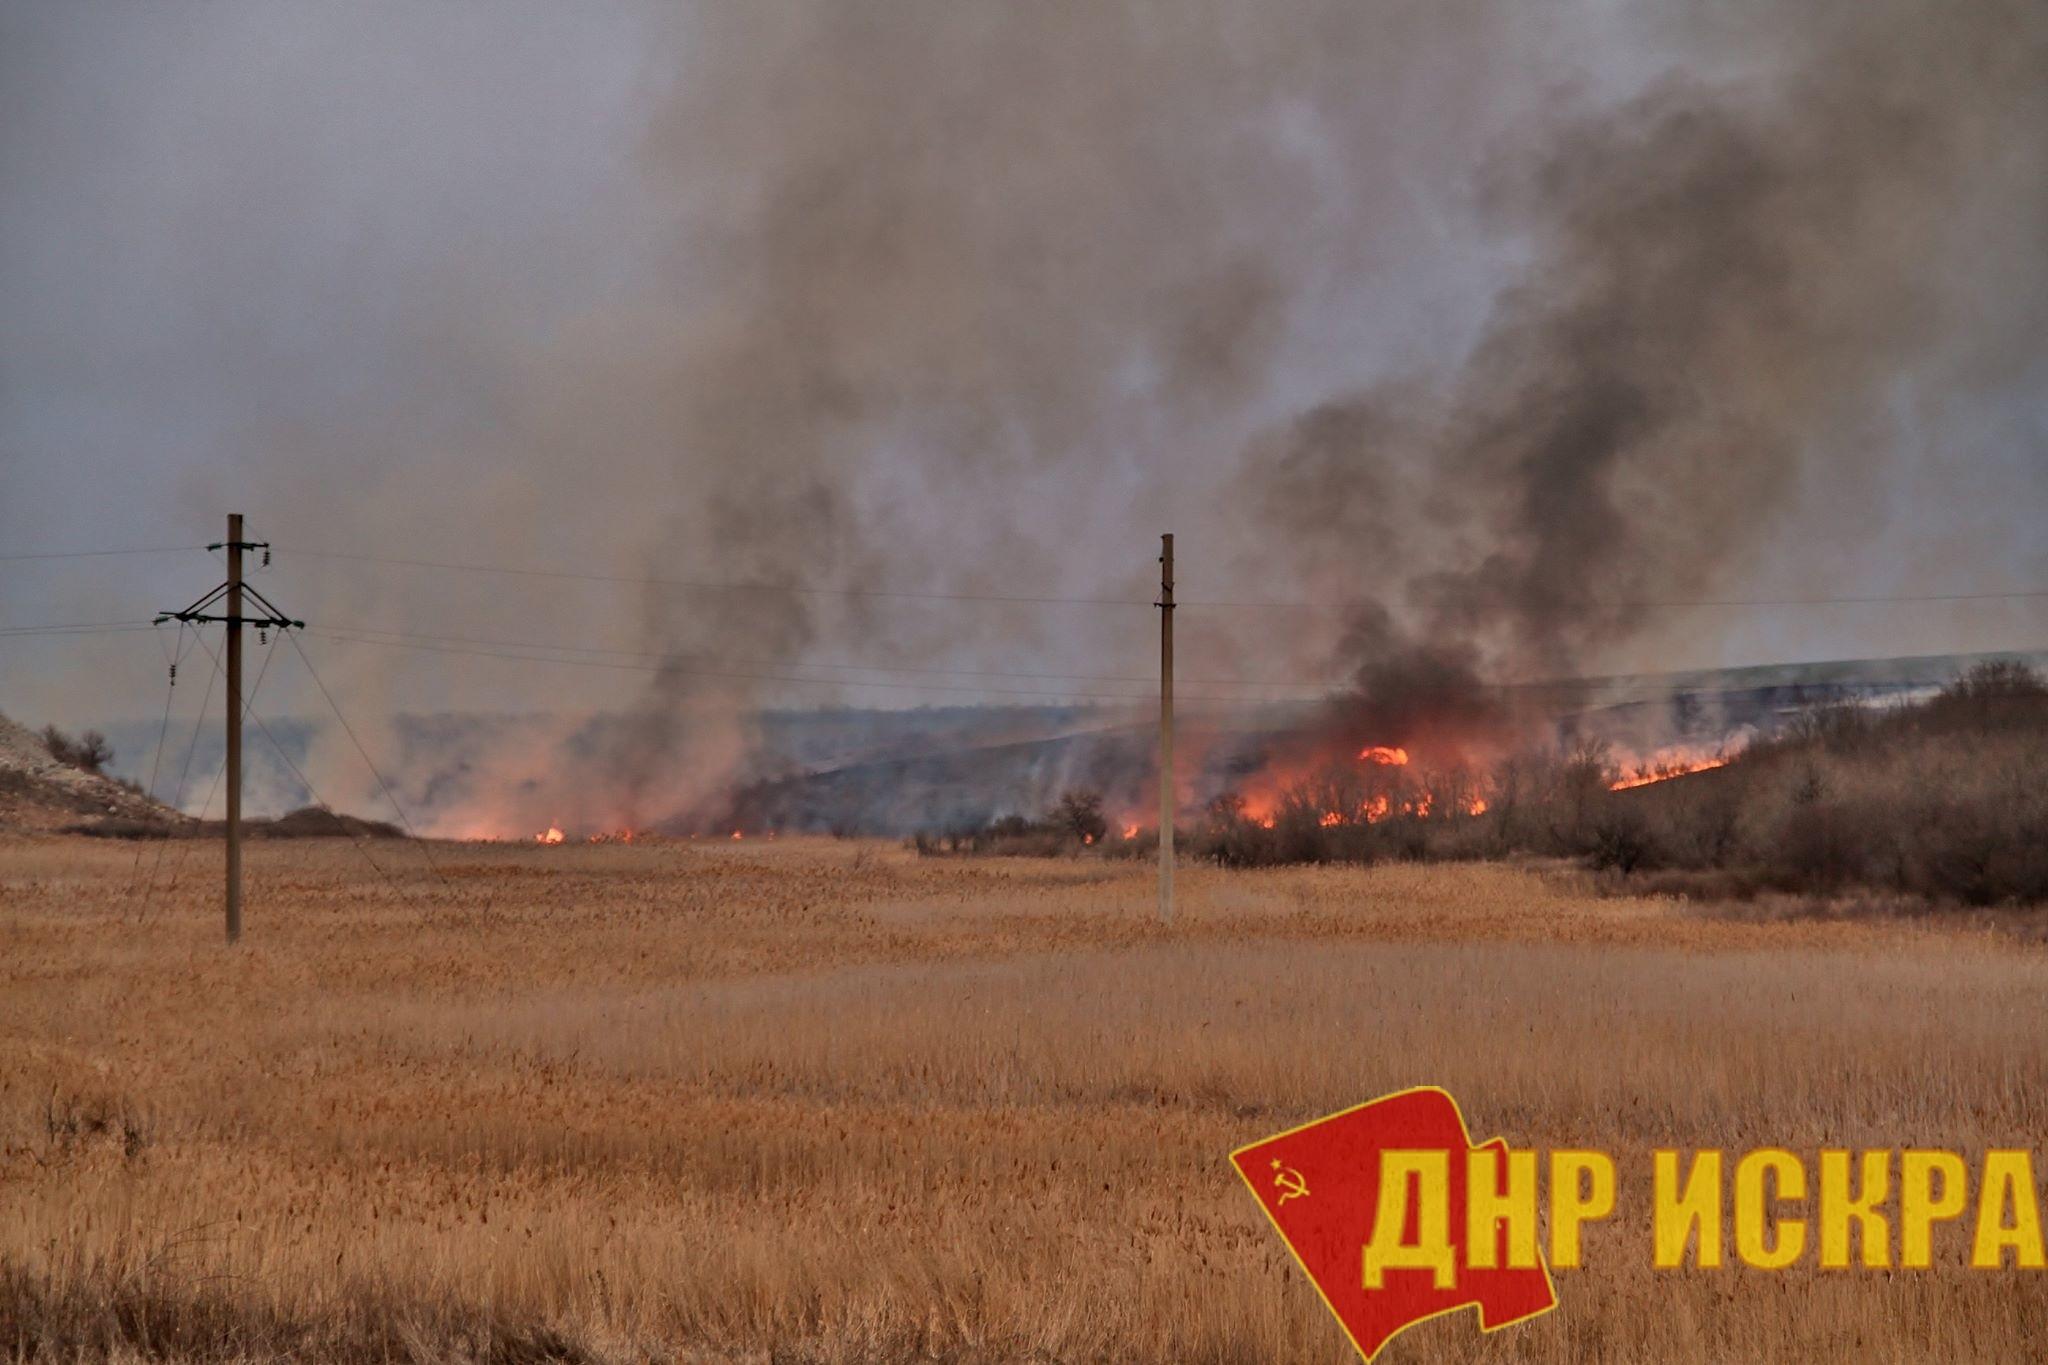 Урожайность зерновых и зернобобовых культур в Донецкой Народной Республике снизилась более чем на треть, это может спровоцировать рост цен на хлебобулочные изделия, птицу и молоко